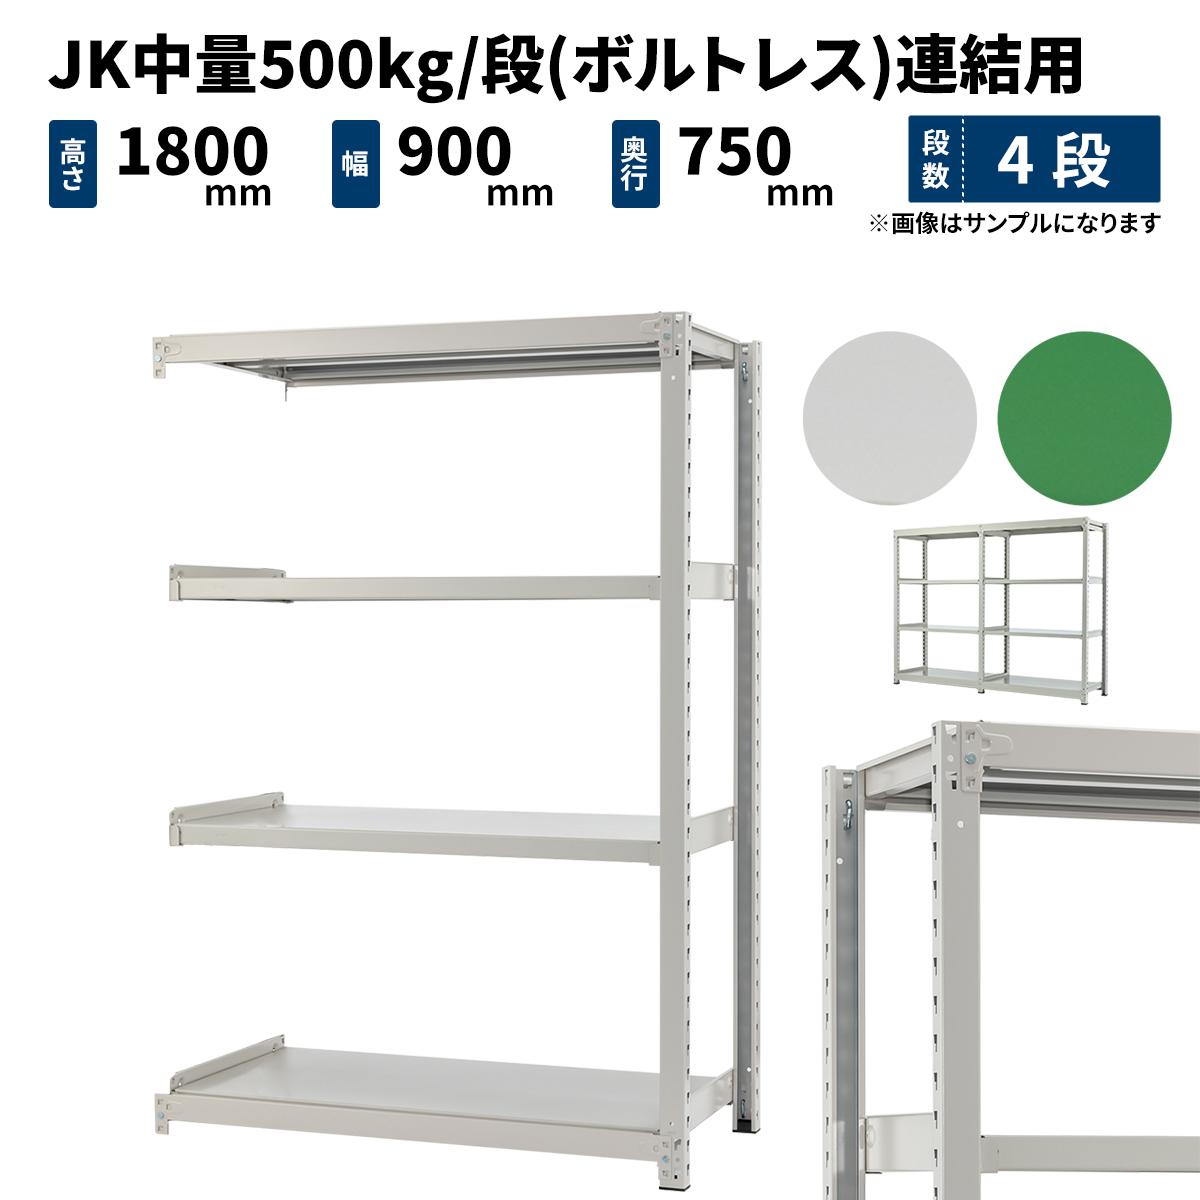 スチールラック 業務用 JK中量500kg/段(ボルトレス) 連結形式 高さ1800×幅900×奥行750mm 4段 ホワイトグレー/グリーン (65kg) JK500_R-180975-4